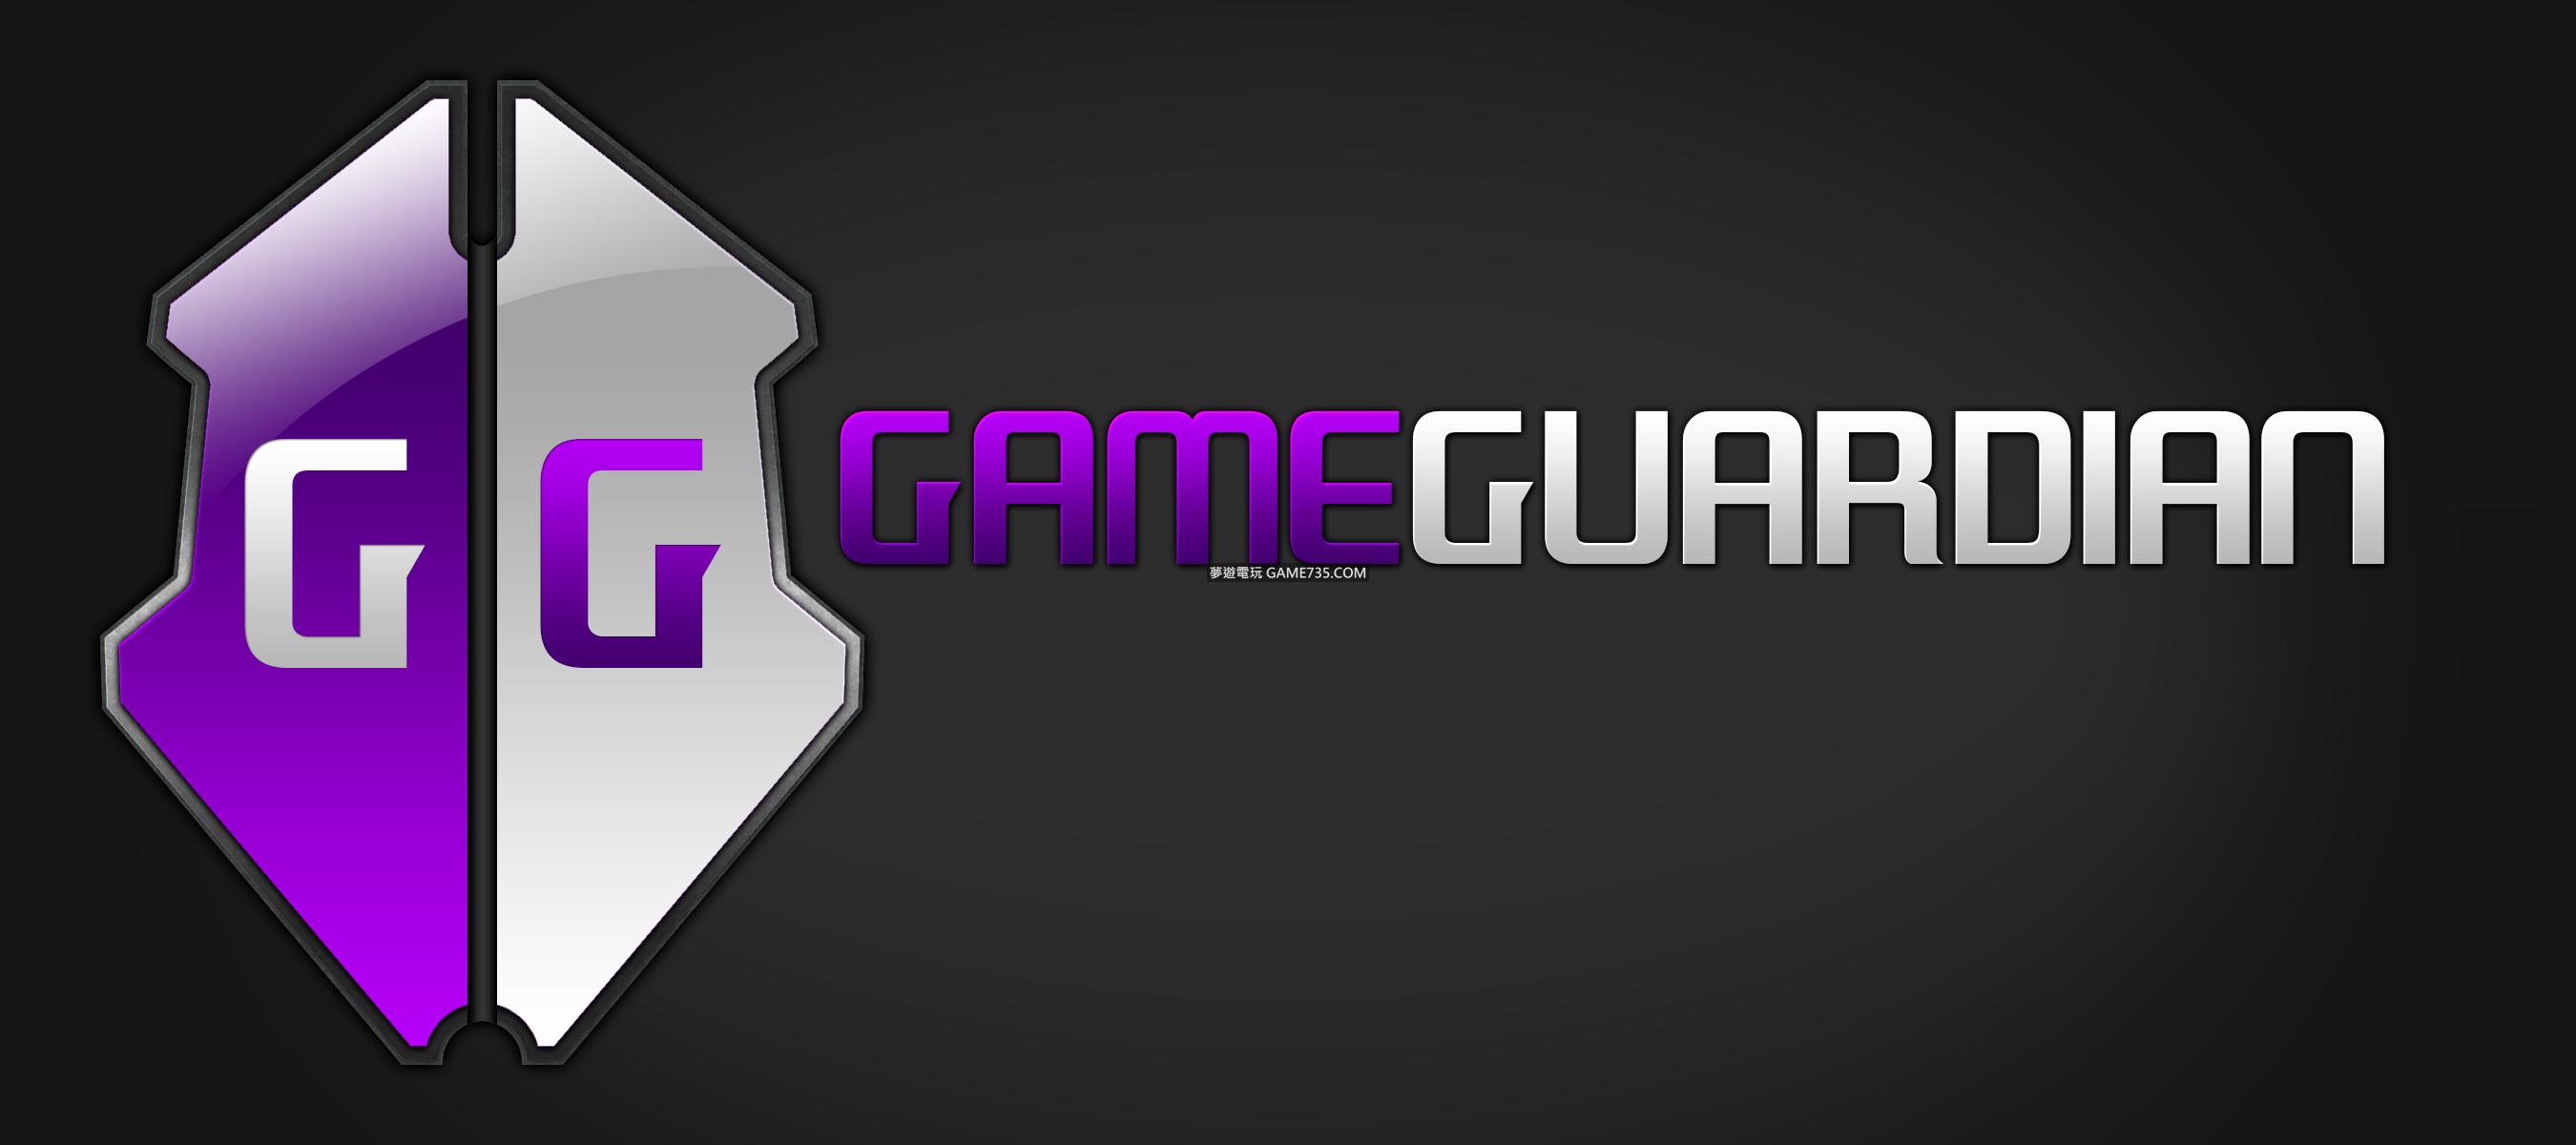 修改遊戲必備 GameGuardian 8.49.1 中文版 GG修改器完整解鎖版